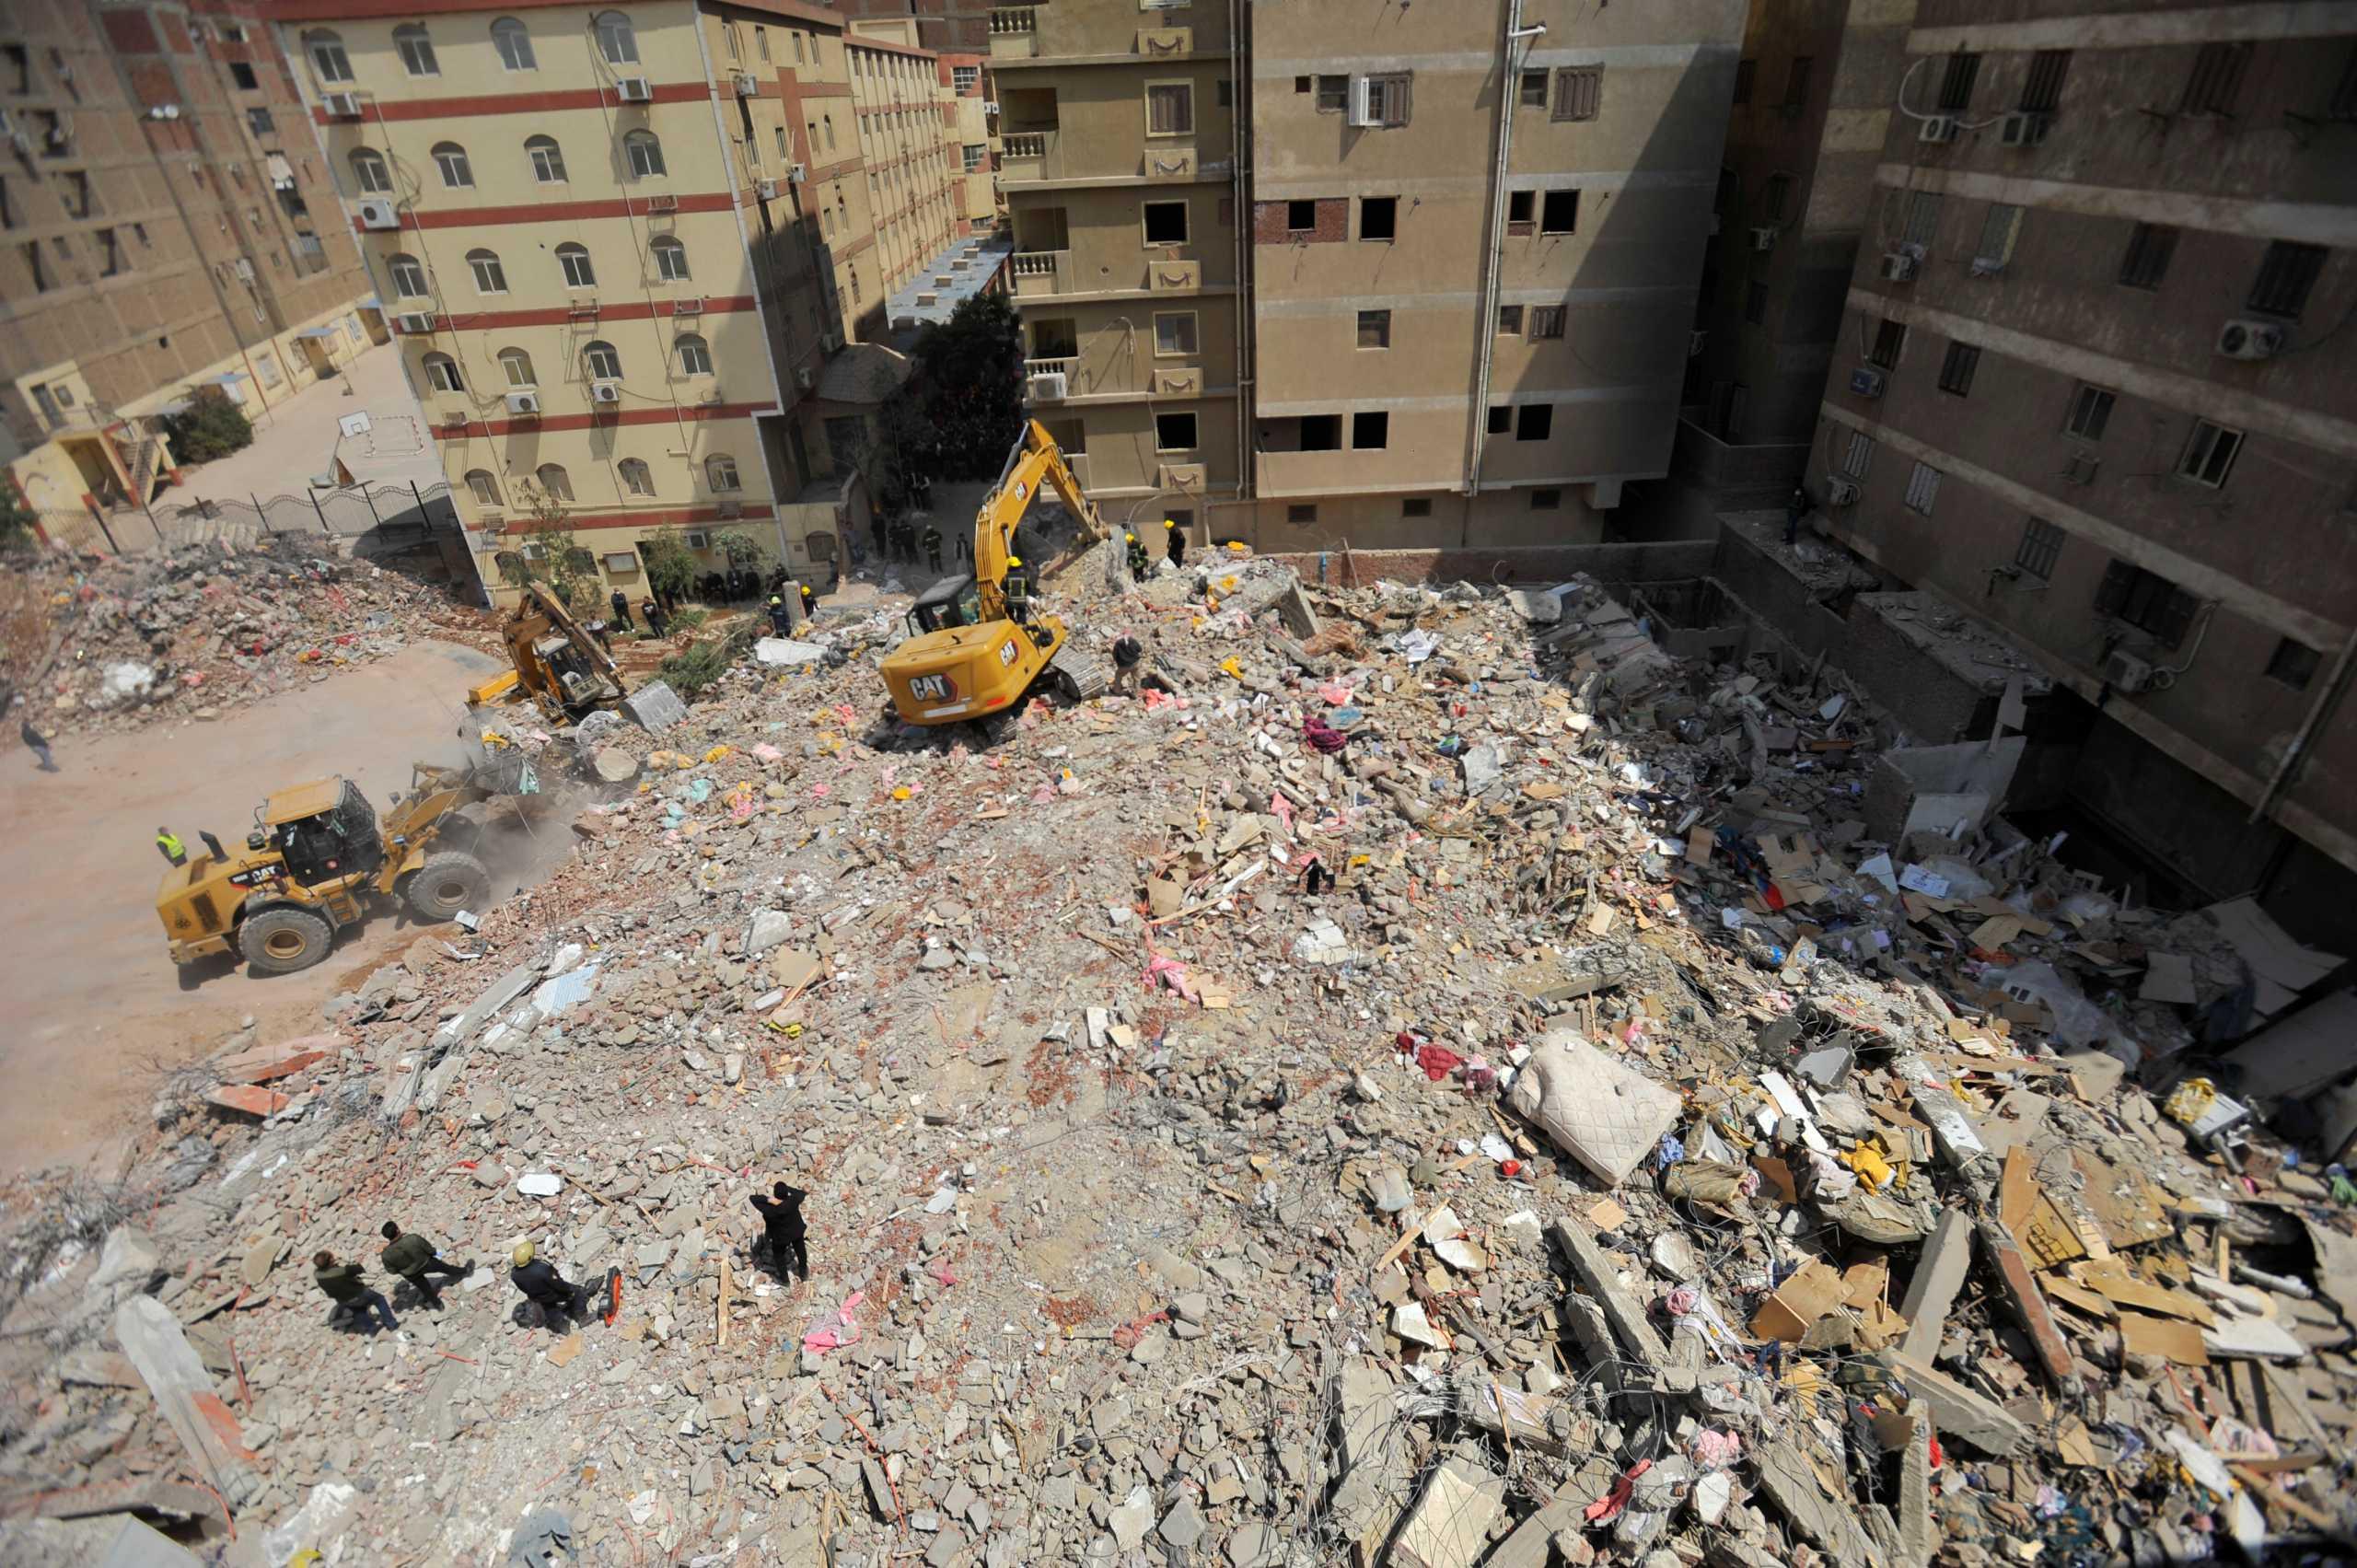 Αίγυπτος: Οκτώ οι νεκροί από την κατάρρευση δεκαώροφου κτιρίου στο Κάιρο